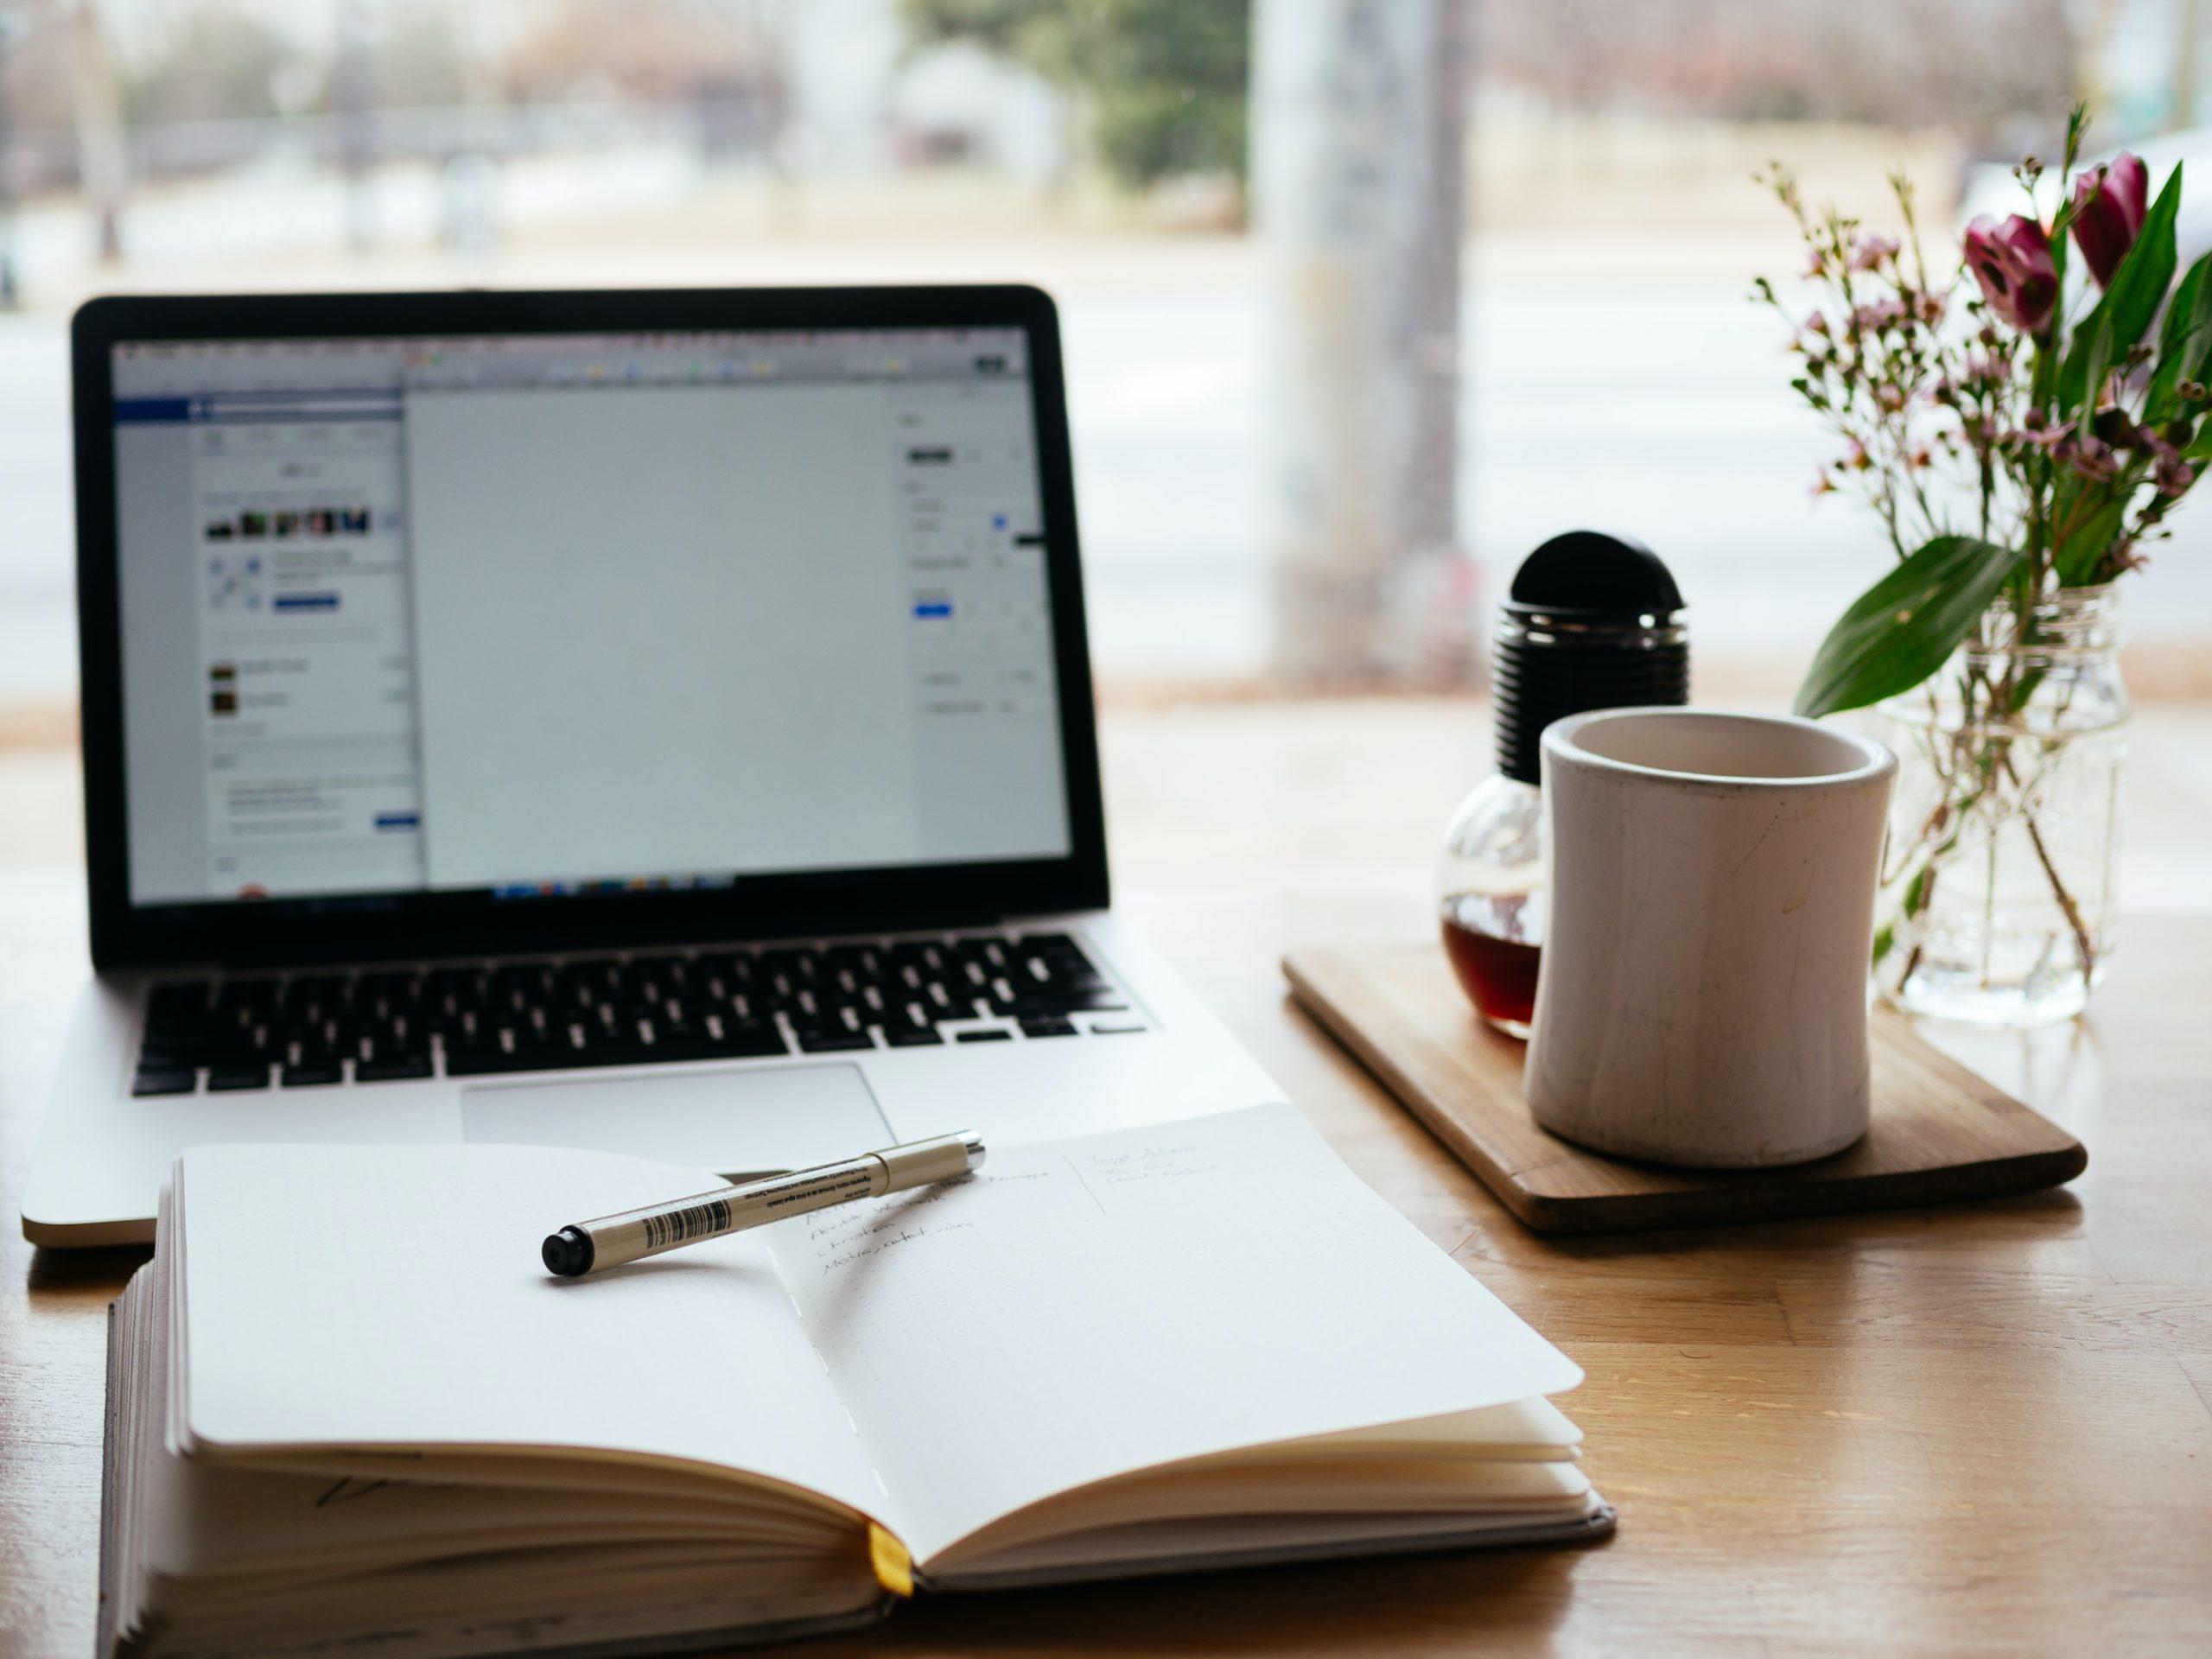 Convocatoria: Looking For Creative Writers (Faltan 5 Días Para Inscribirte)